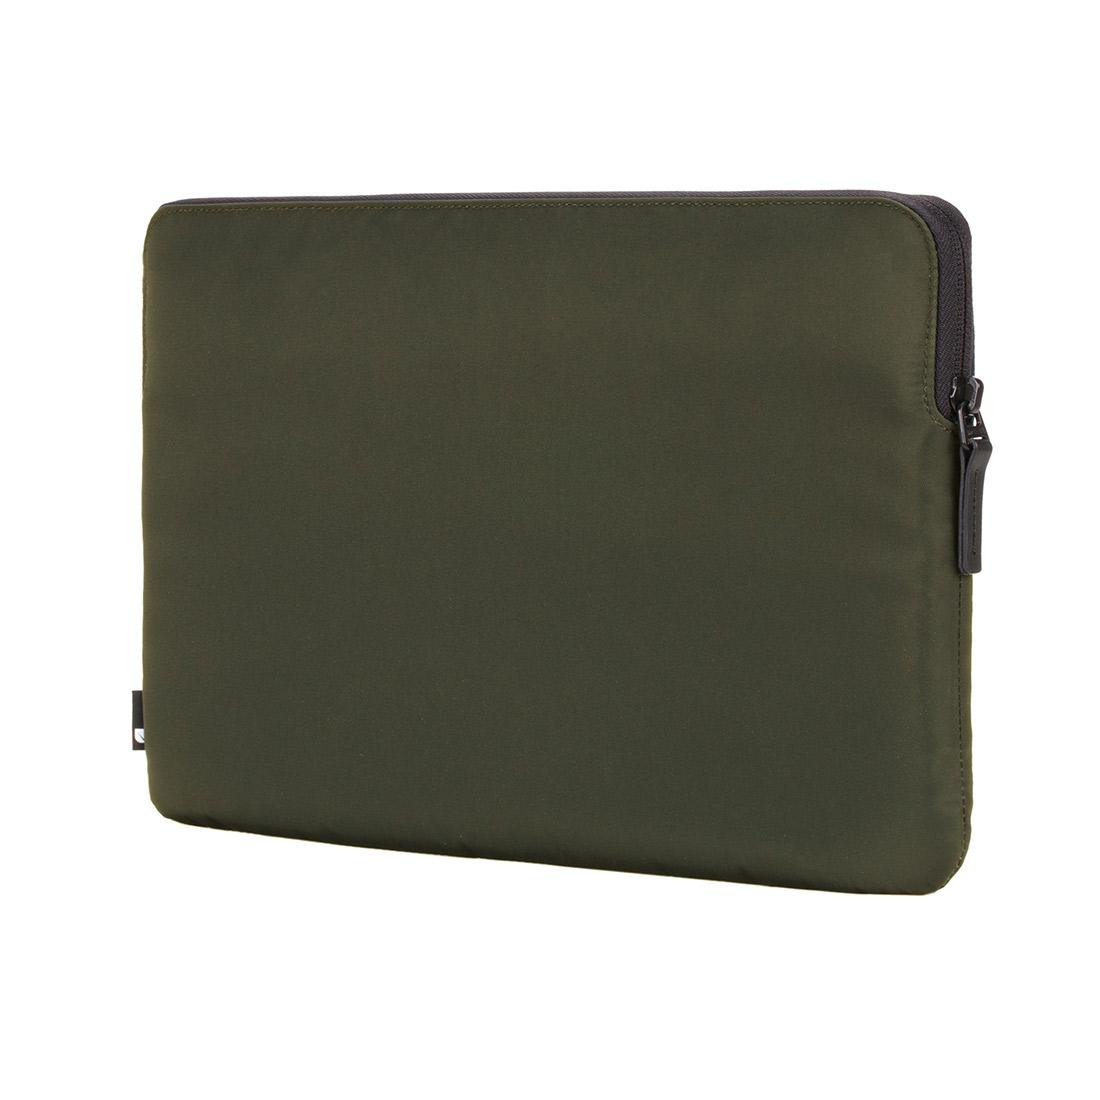 [인케이스] Compact Sleeve Flight Nylon for 15&16 inch MB Pro - Olive INMB100336-OLV